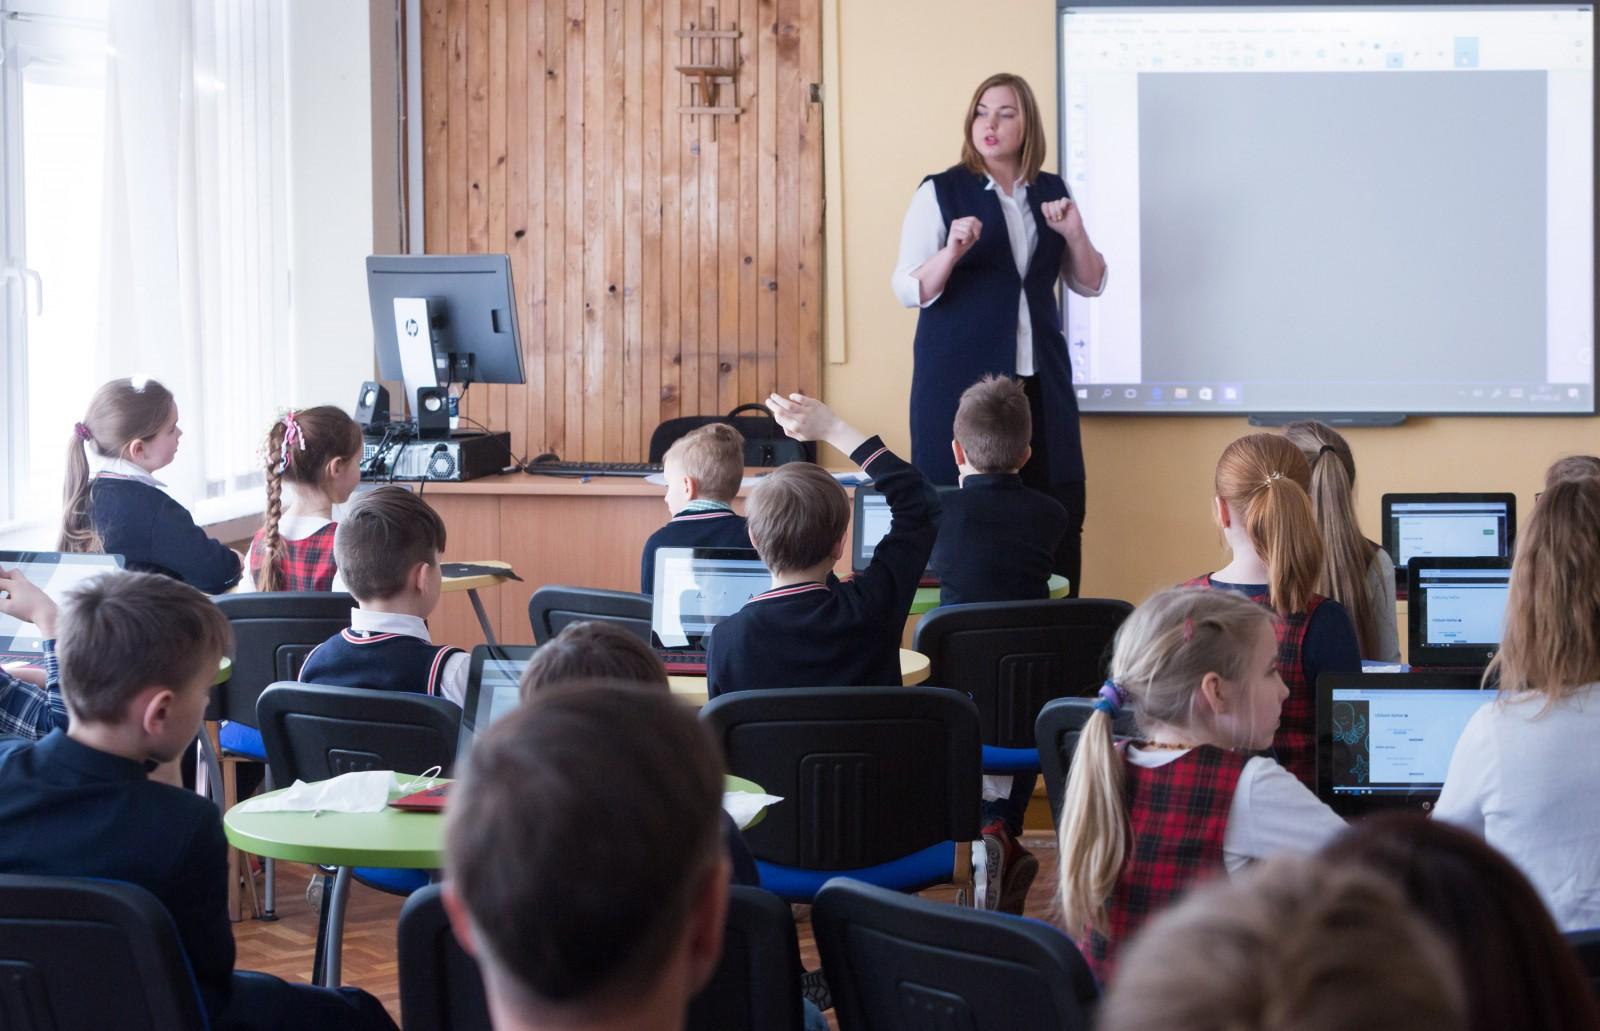 Nėra ne vieno pasiūlymo, kad reikėtų įrengti kondicionierius nors vienoje mokykloje | Asociatyvi nuotr.